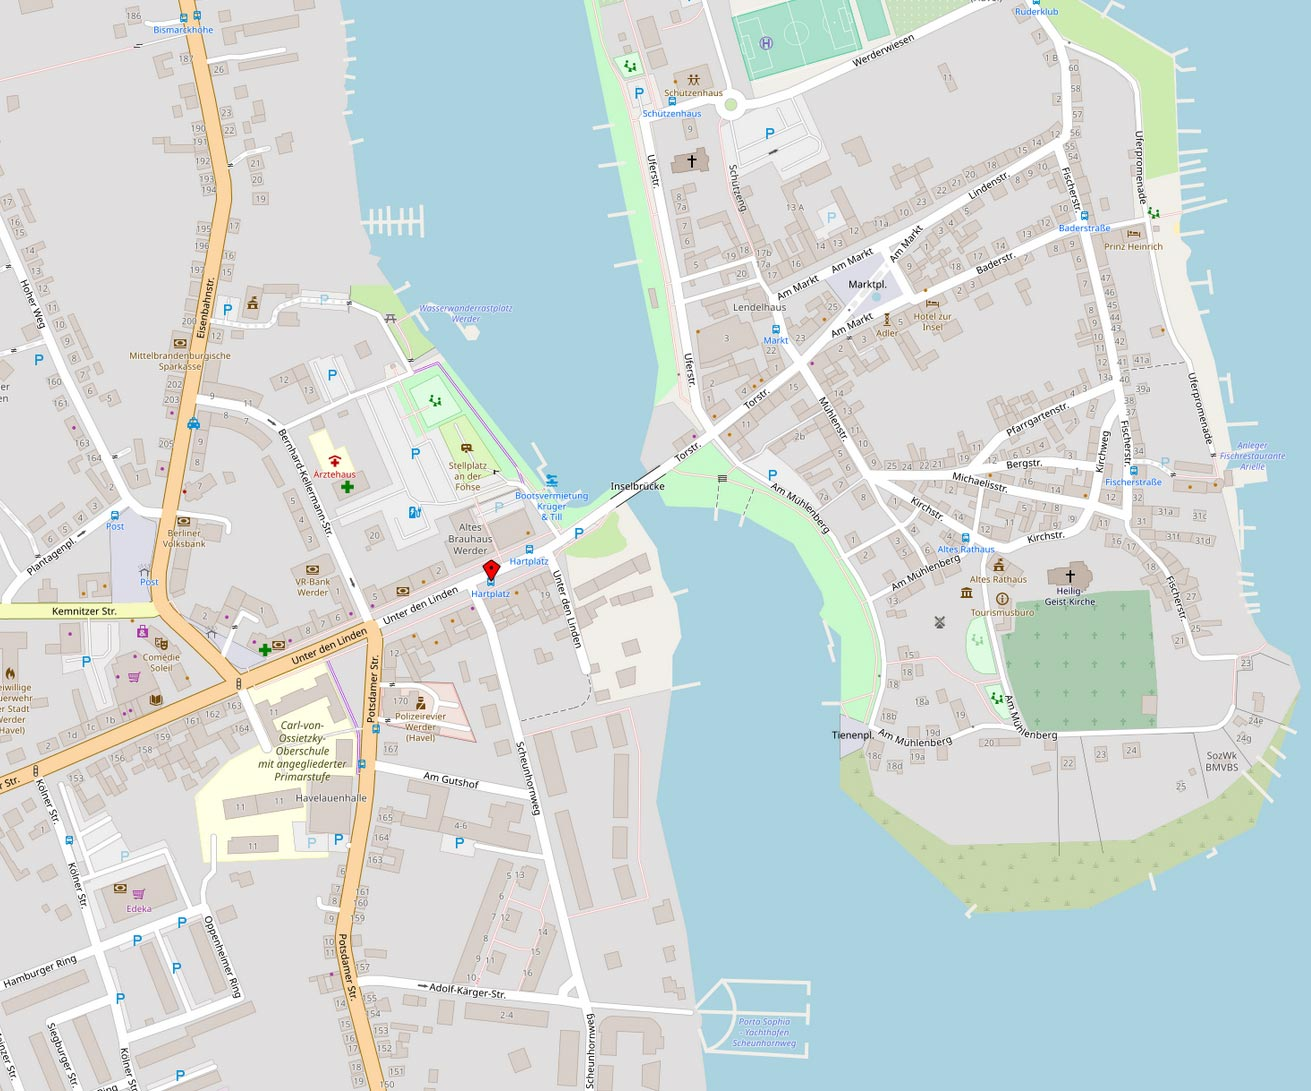 Karte-Werder